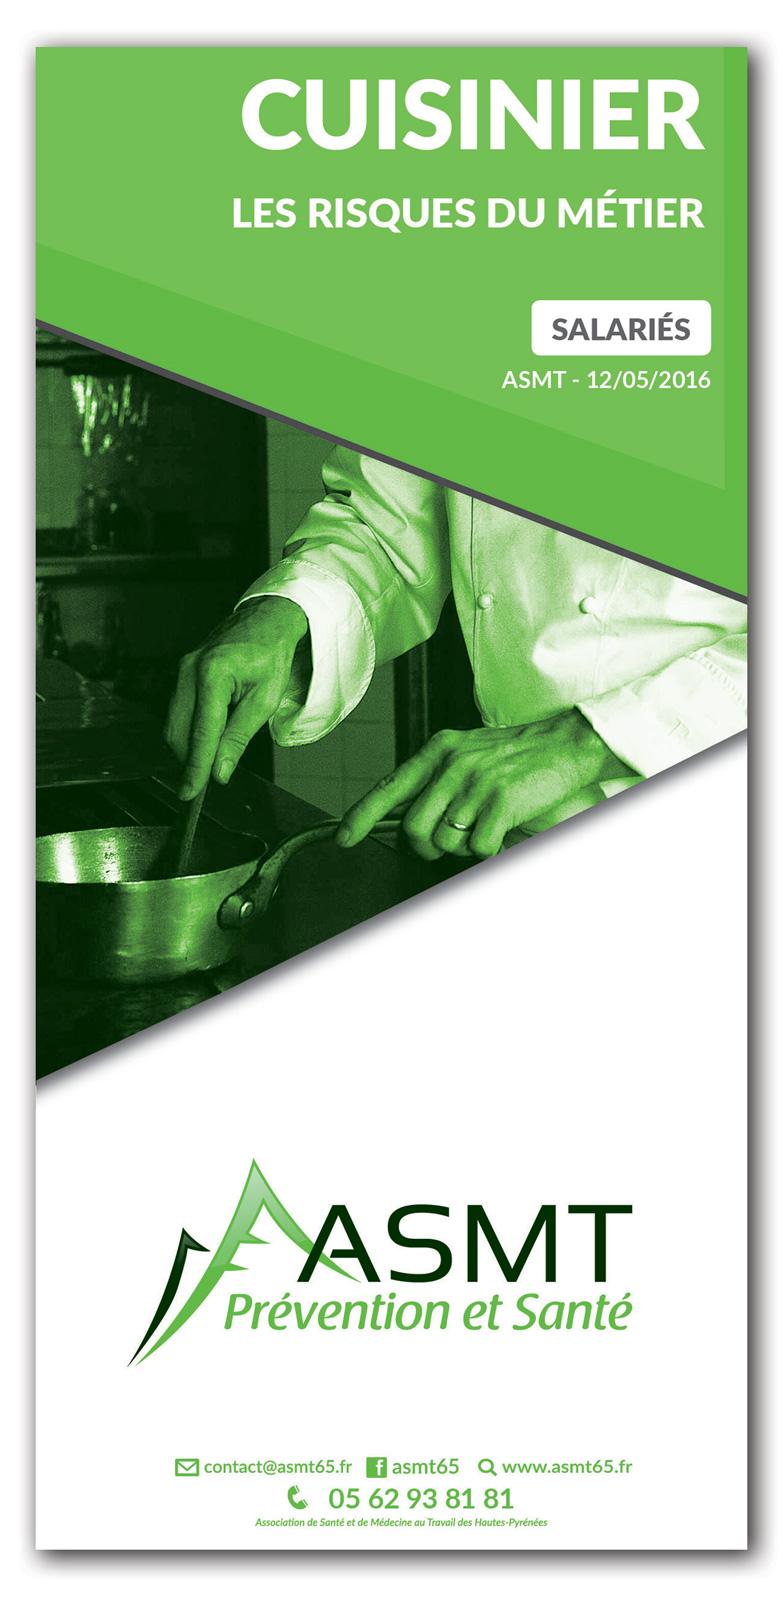 Cuisinier : les risques du métier